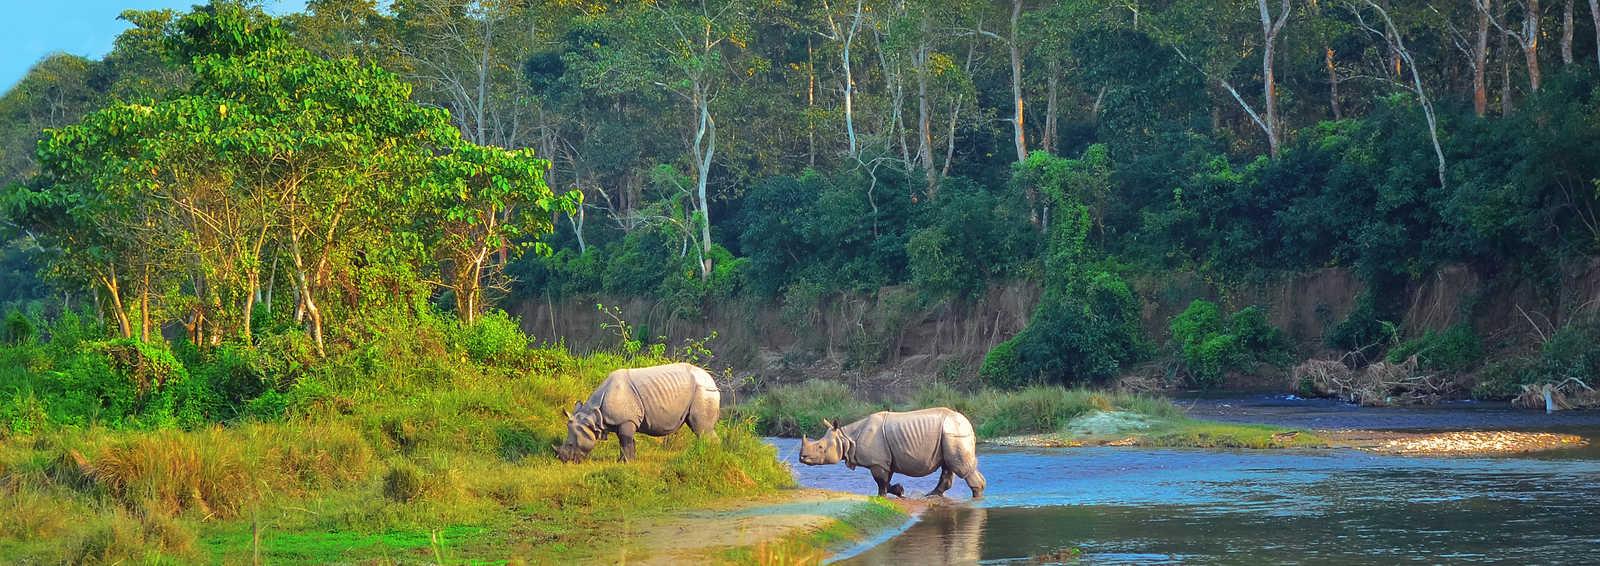 Wild landscape with asian rhinoceroses in Chitwan, Nepal